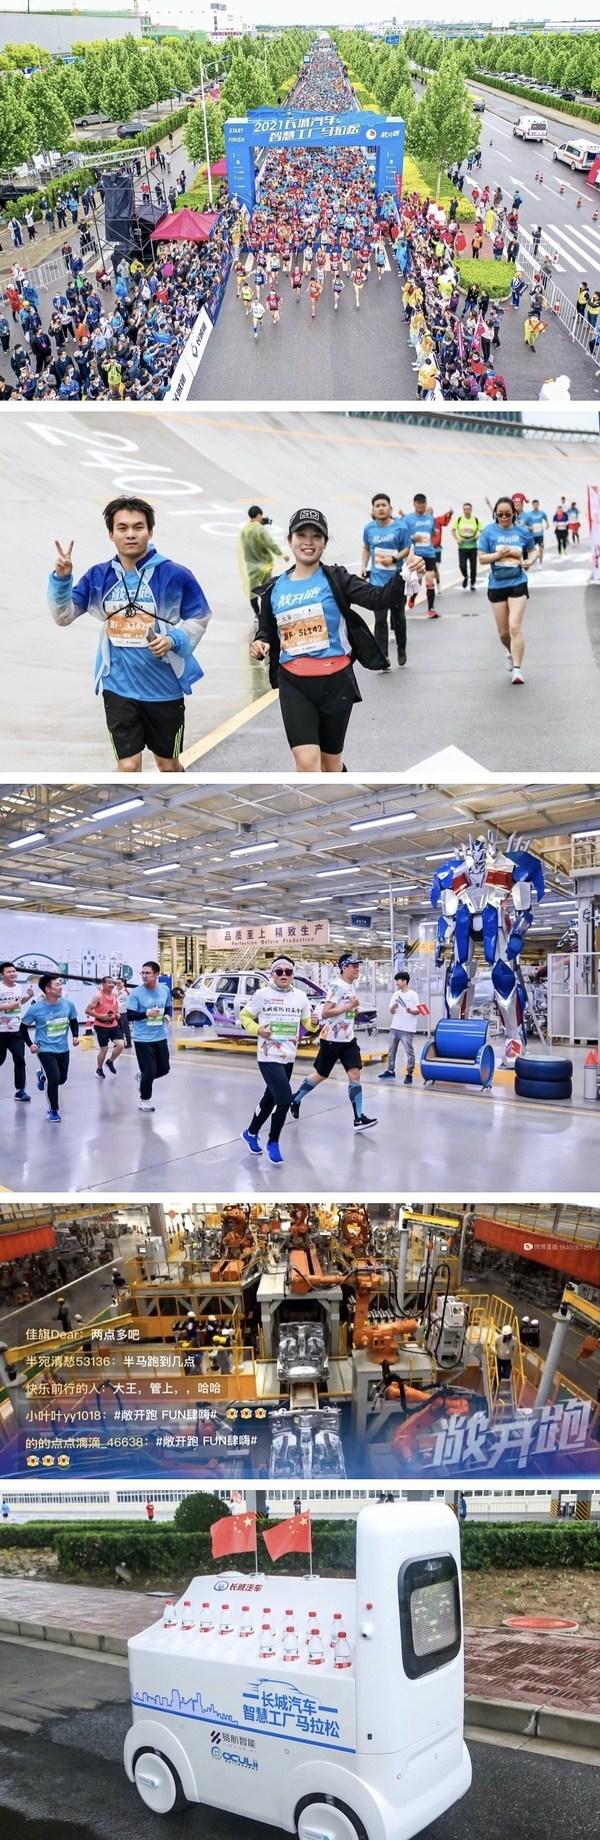 GWM tổ chức cuộc thi chạy marathon trong nhà máy thông minh để quảng bá sức mạnh công nghệ